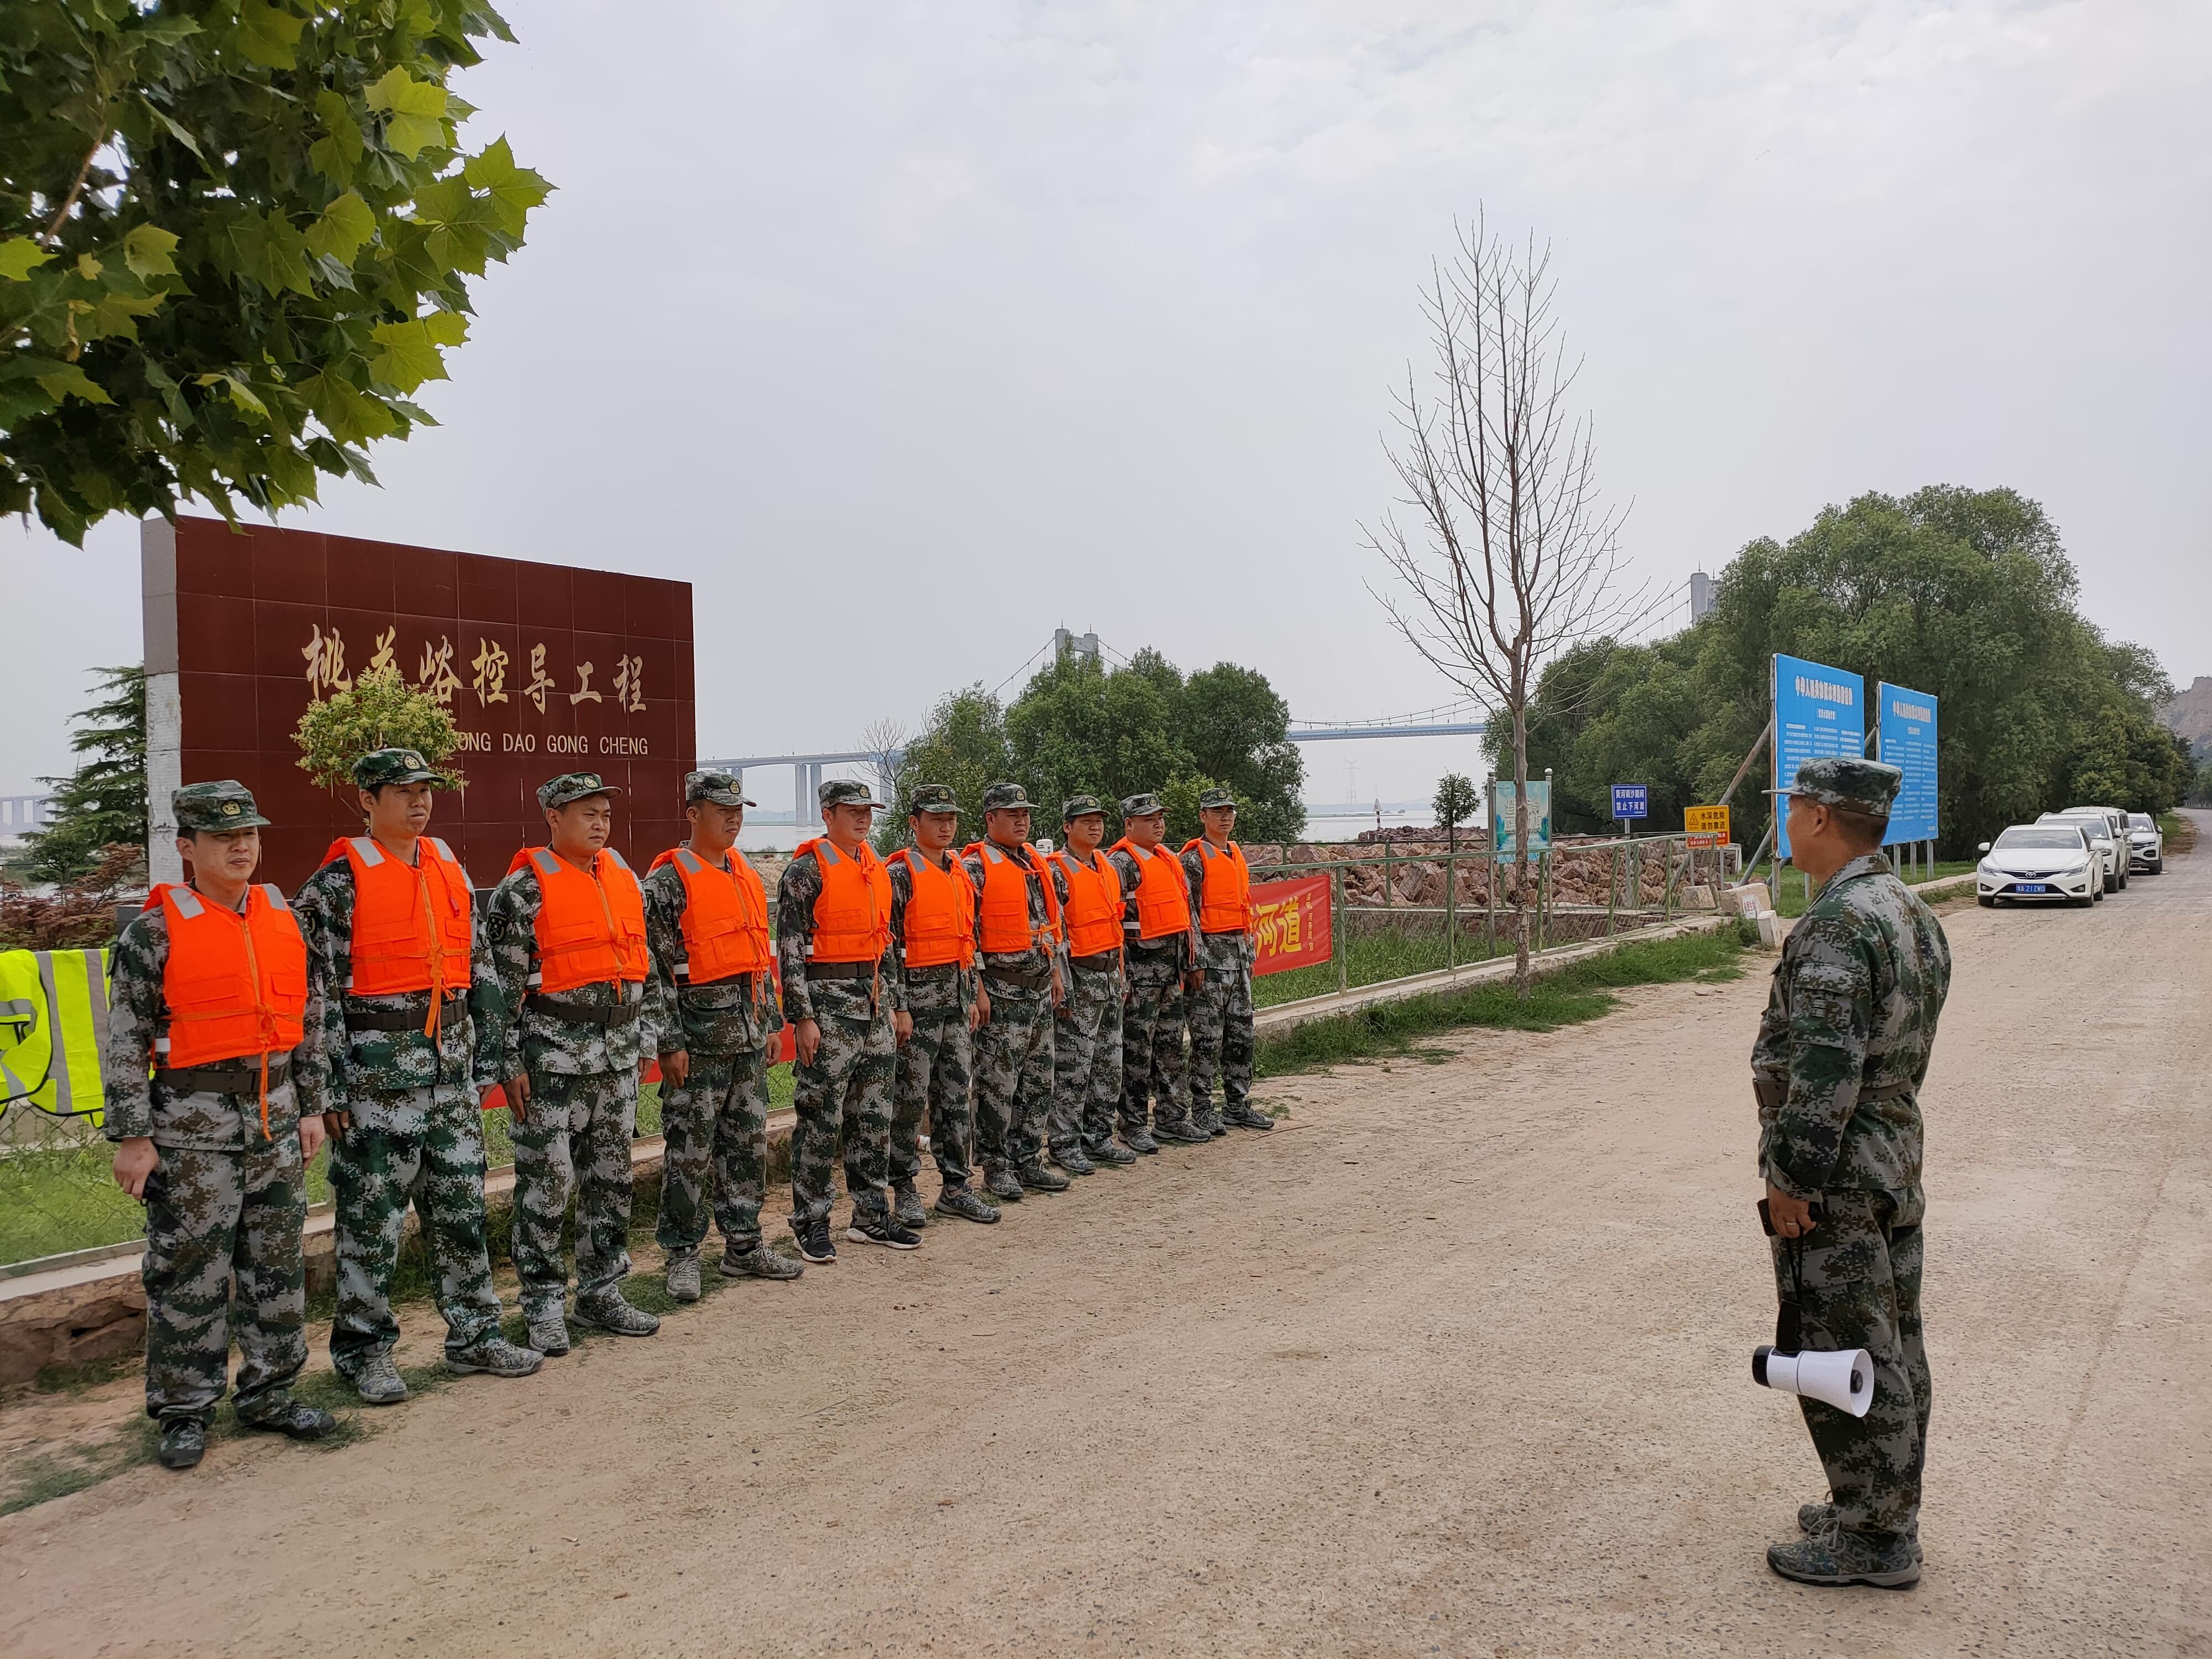 对黄河堤坝进行巡逻、执勤.jpg